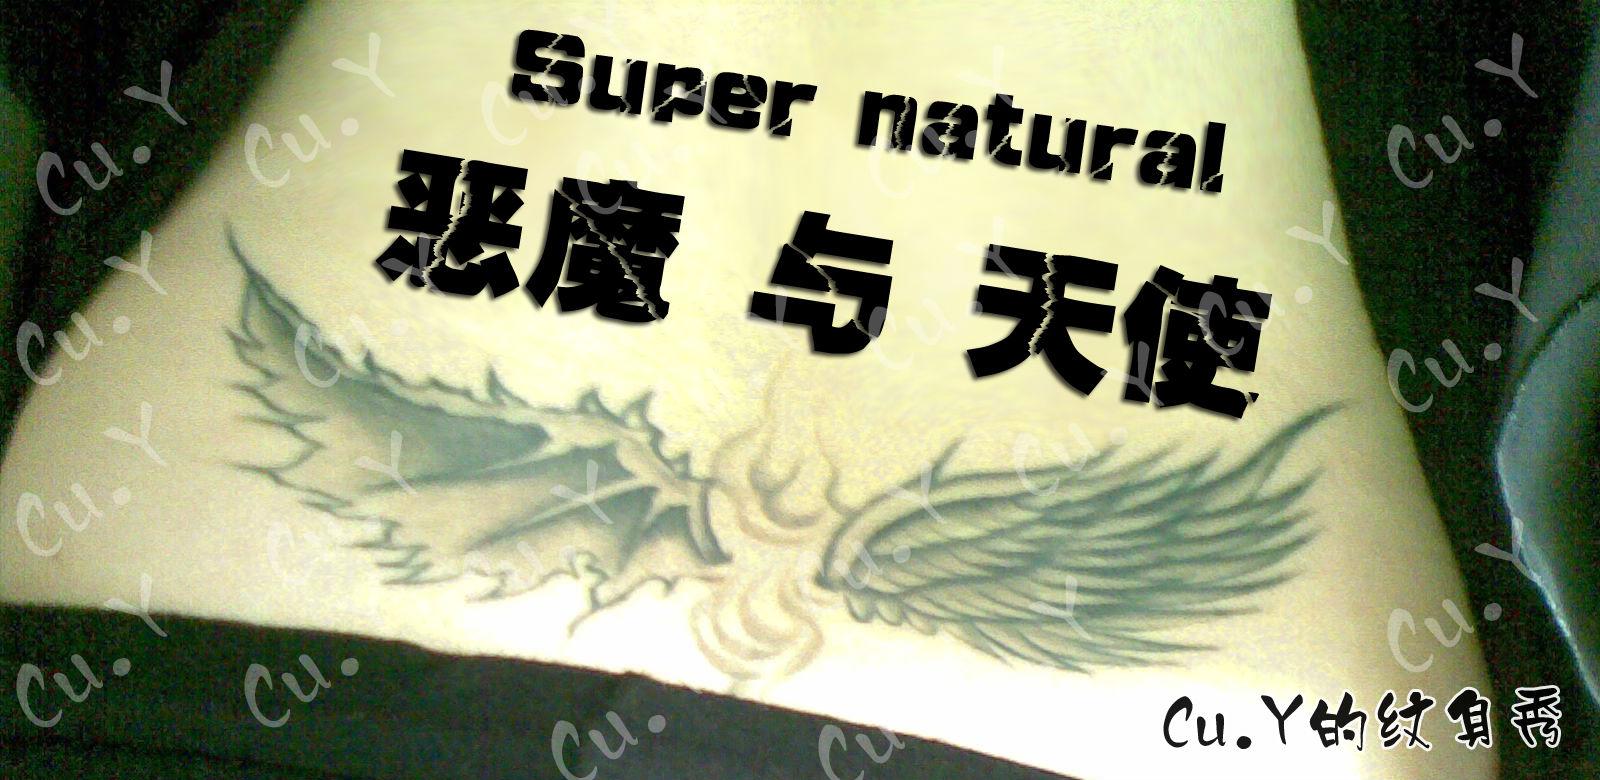 spn纹身】大爱恶魔和天使的翅膀图片